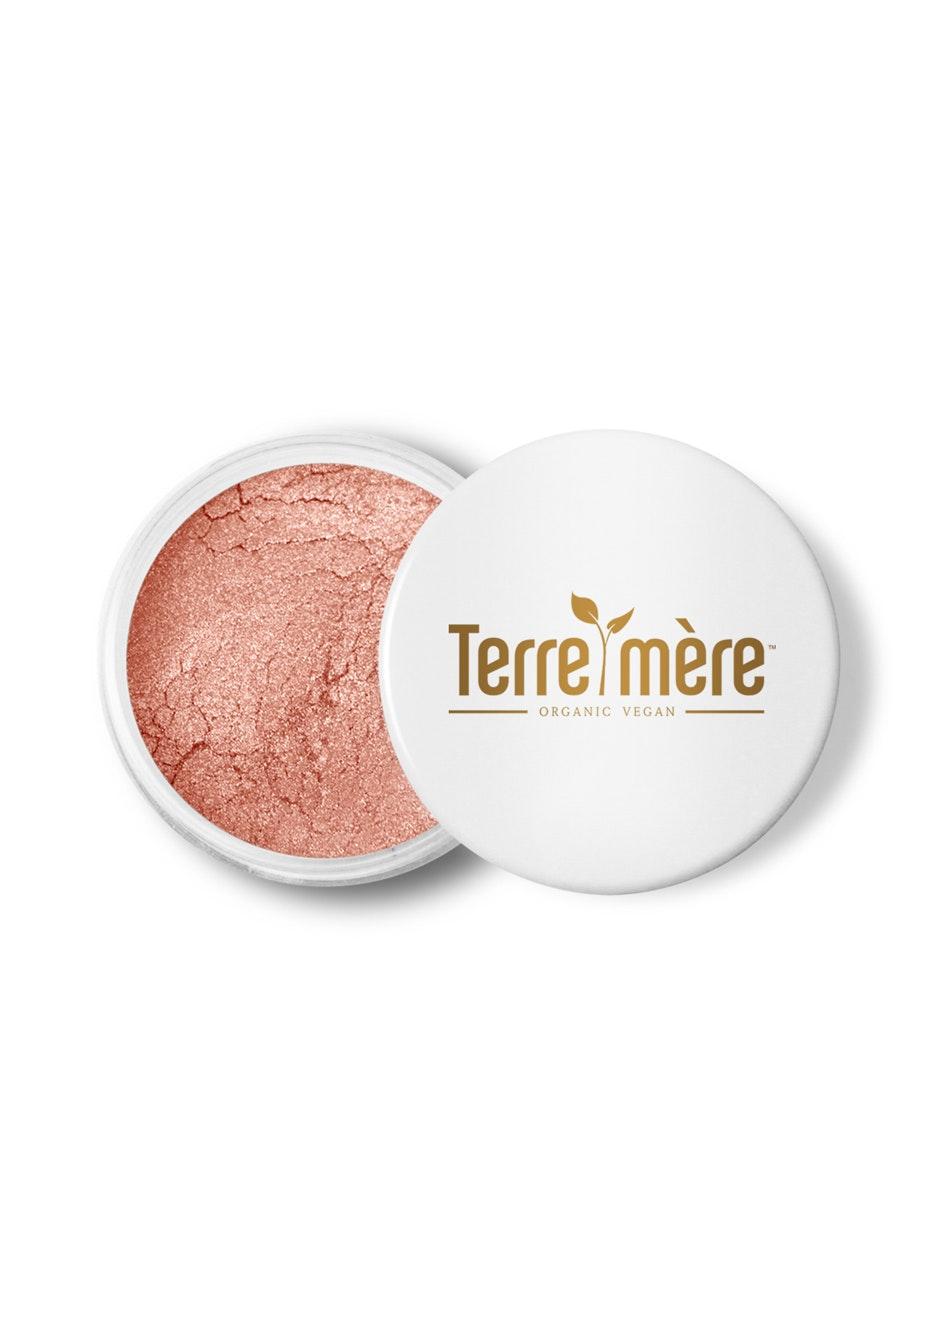 Terre Mere - Mineral Bronzer - Jasper